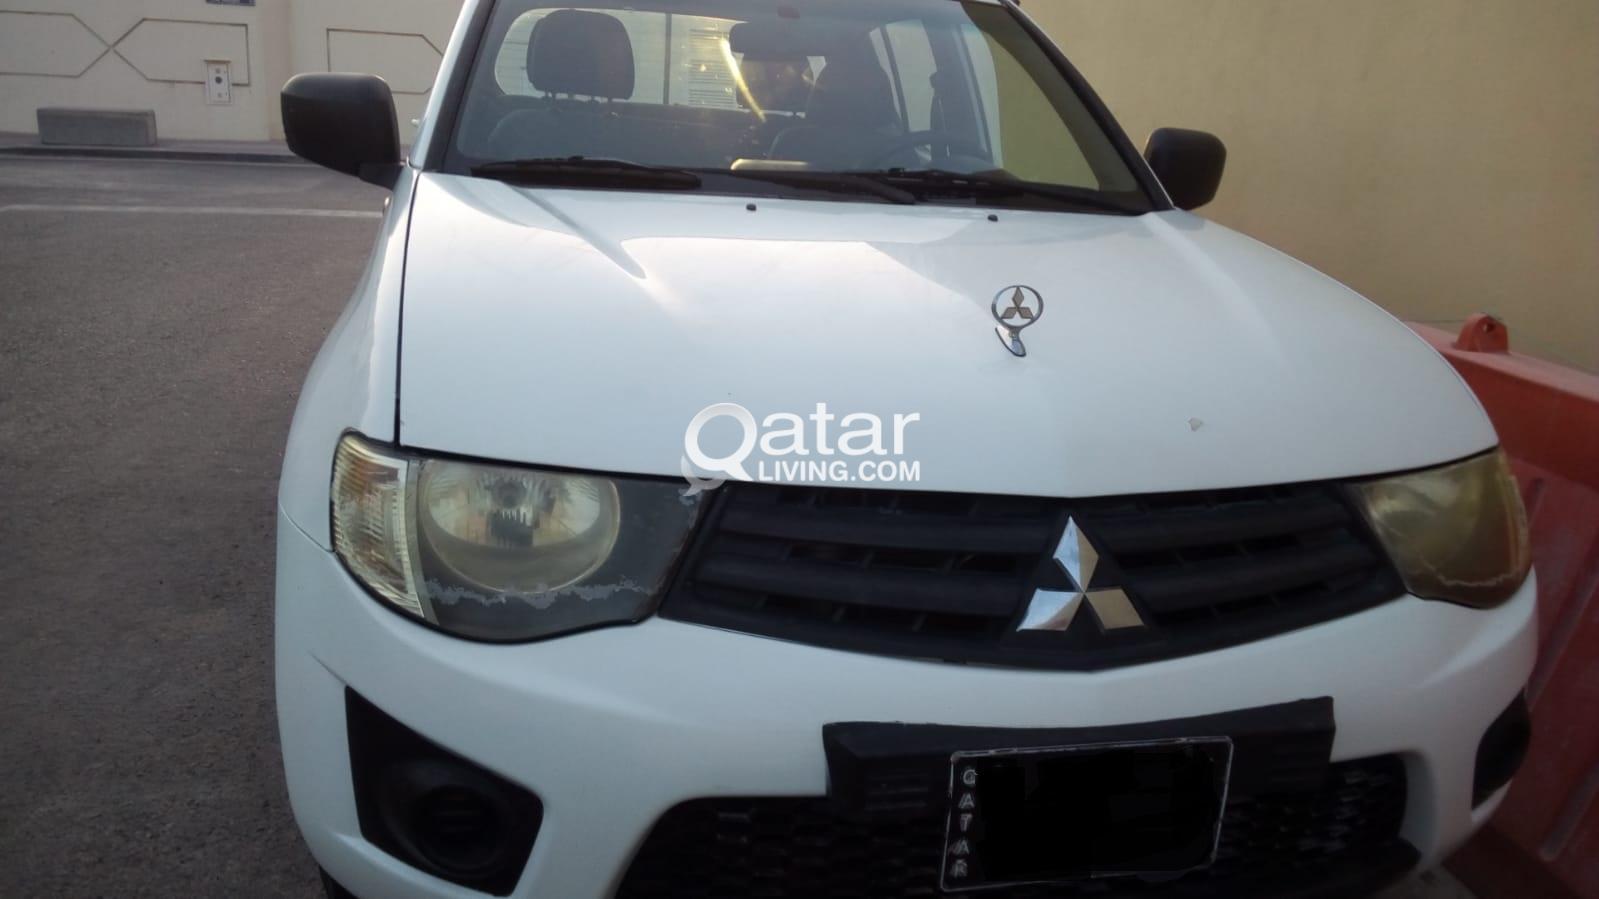 Mitsubishi L200 Qatar Living Grill Bumper Mistubishi L300 New Title